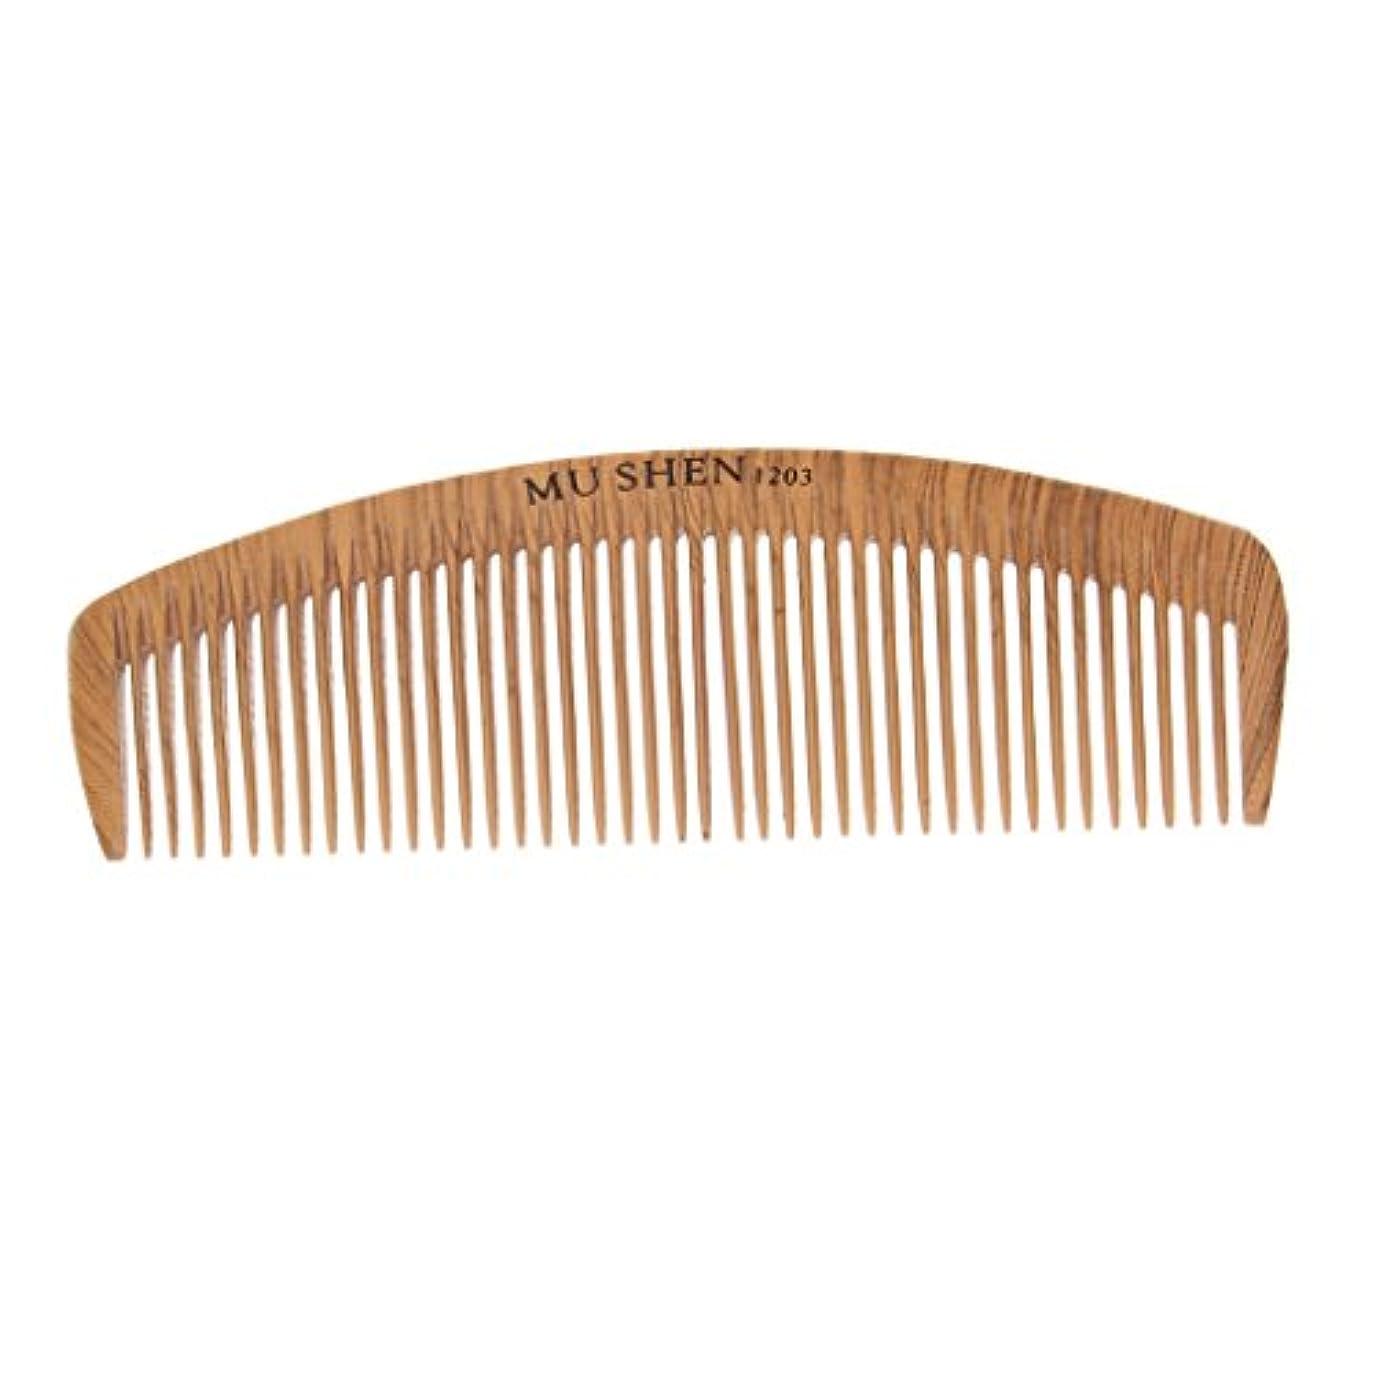 歌シャーロックホームズチョップToygogo 帯電防止ウッドサロン床屋ヘアスタイリング理髪切削くしヘアブラシ